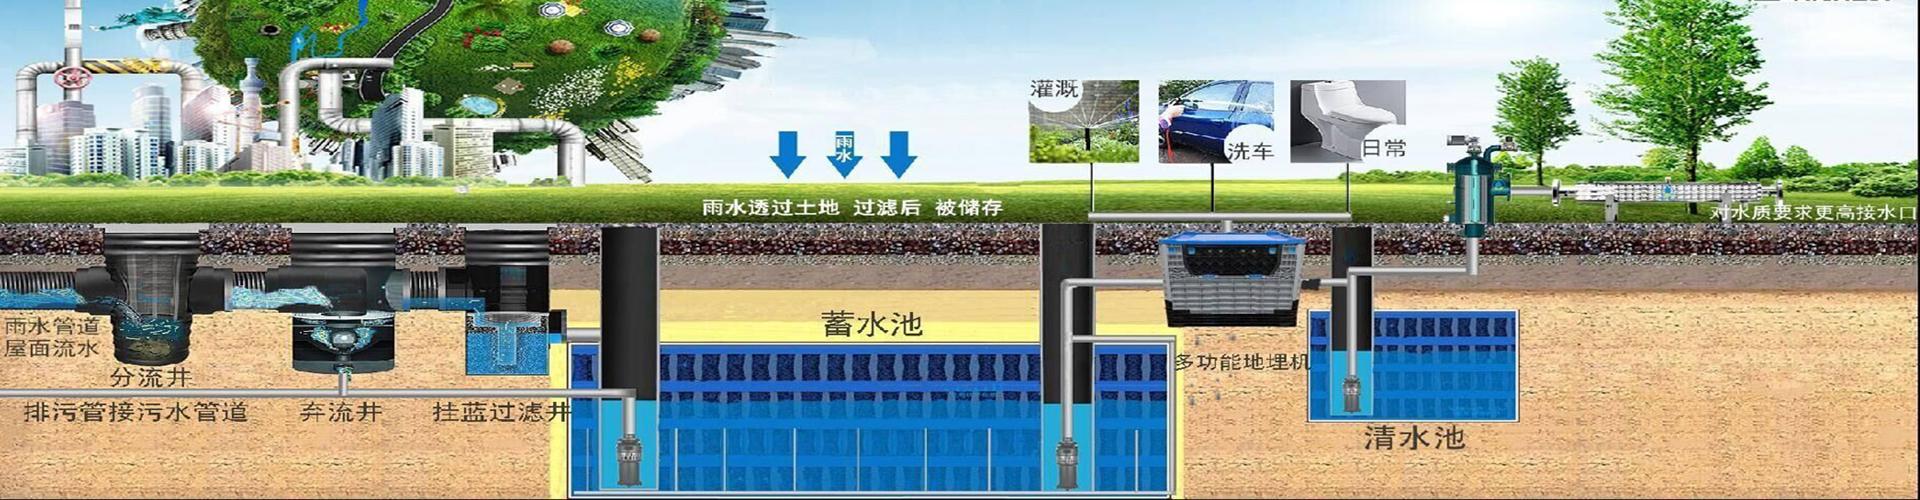 工业区雨水收集系统